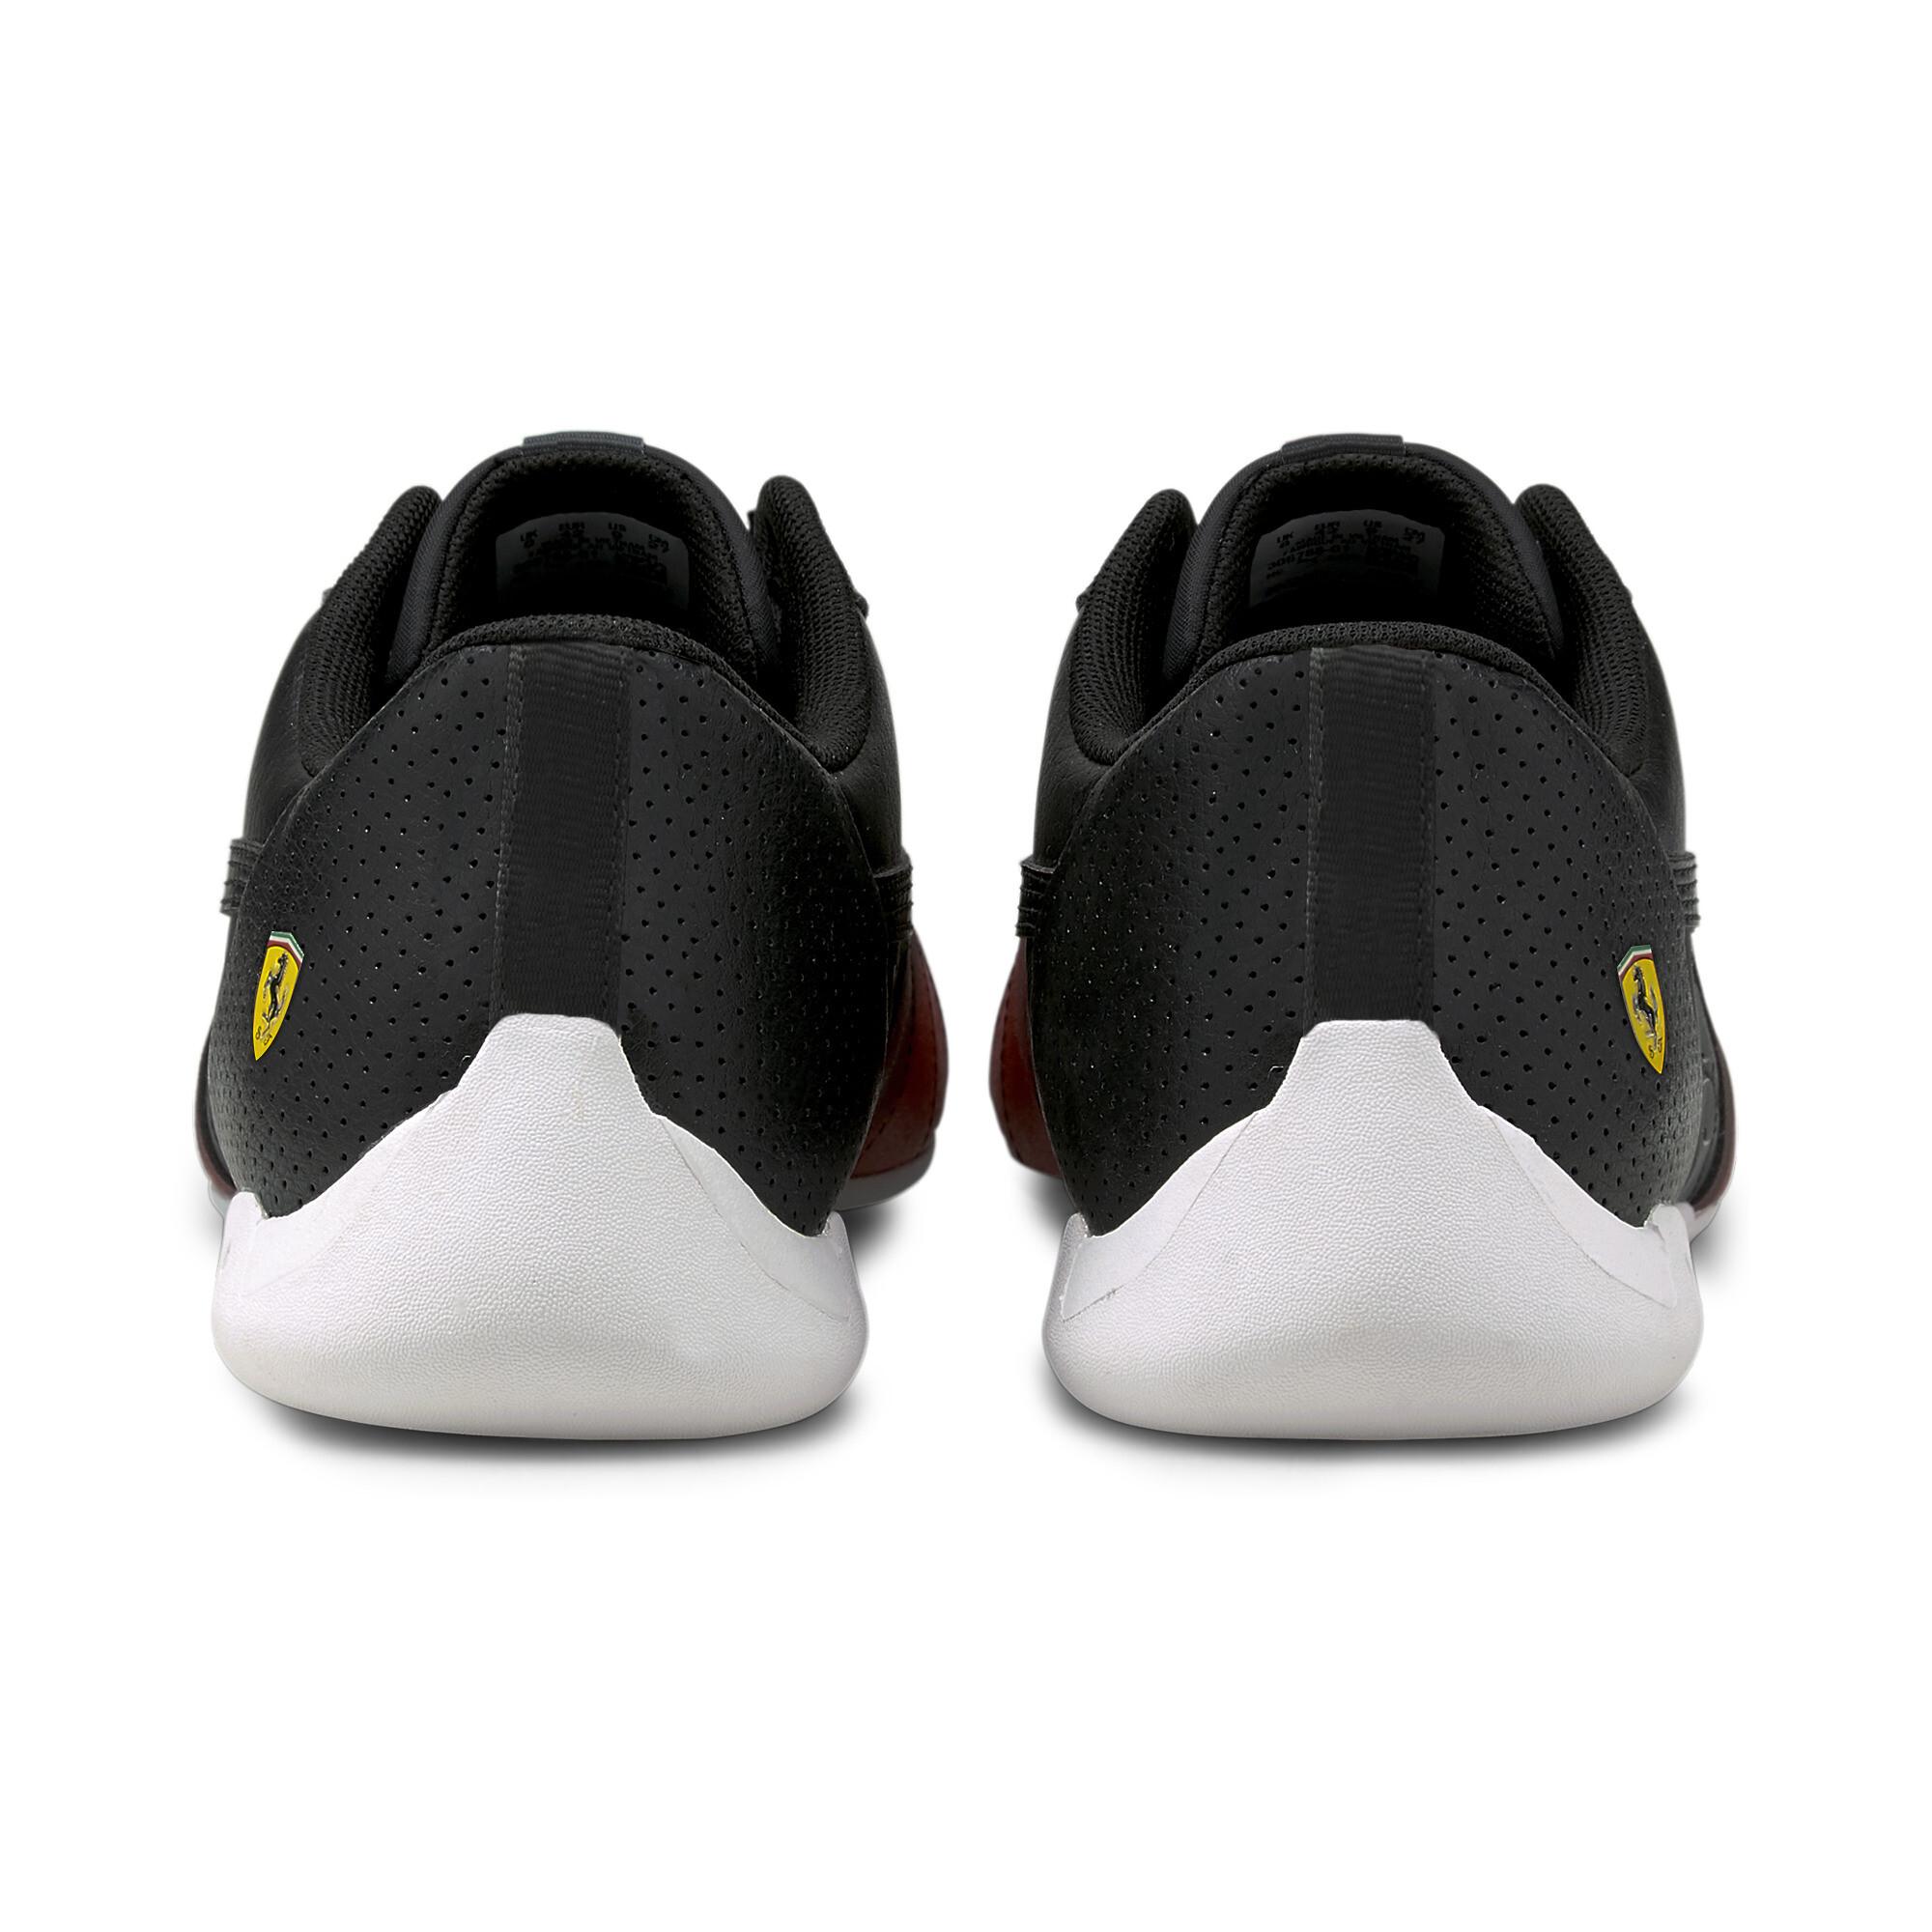 thumbnail 10 - PUMA Men's Scuderia Ferrari R-Cat Motorsport Shoes